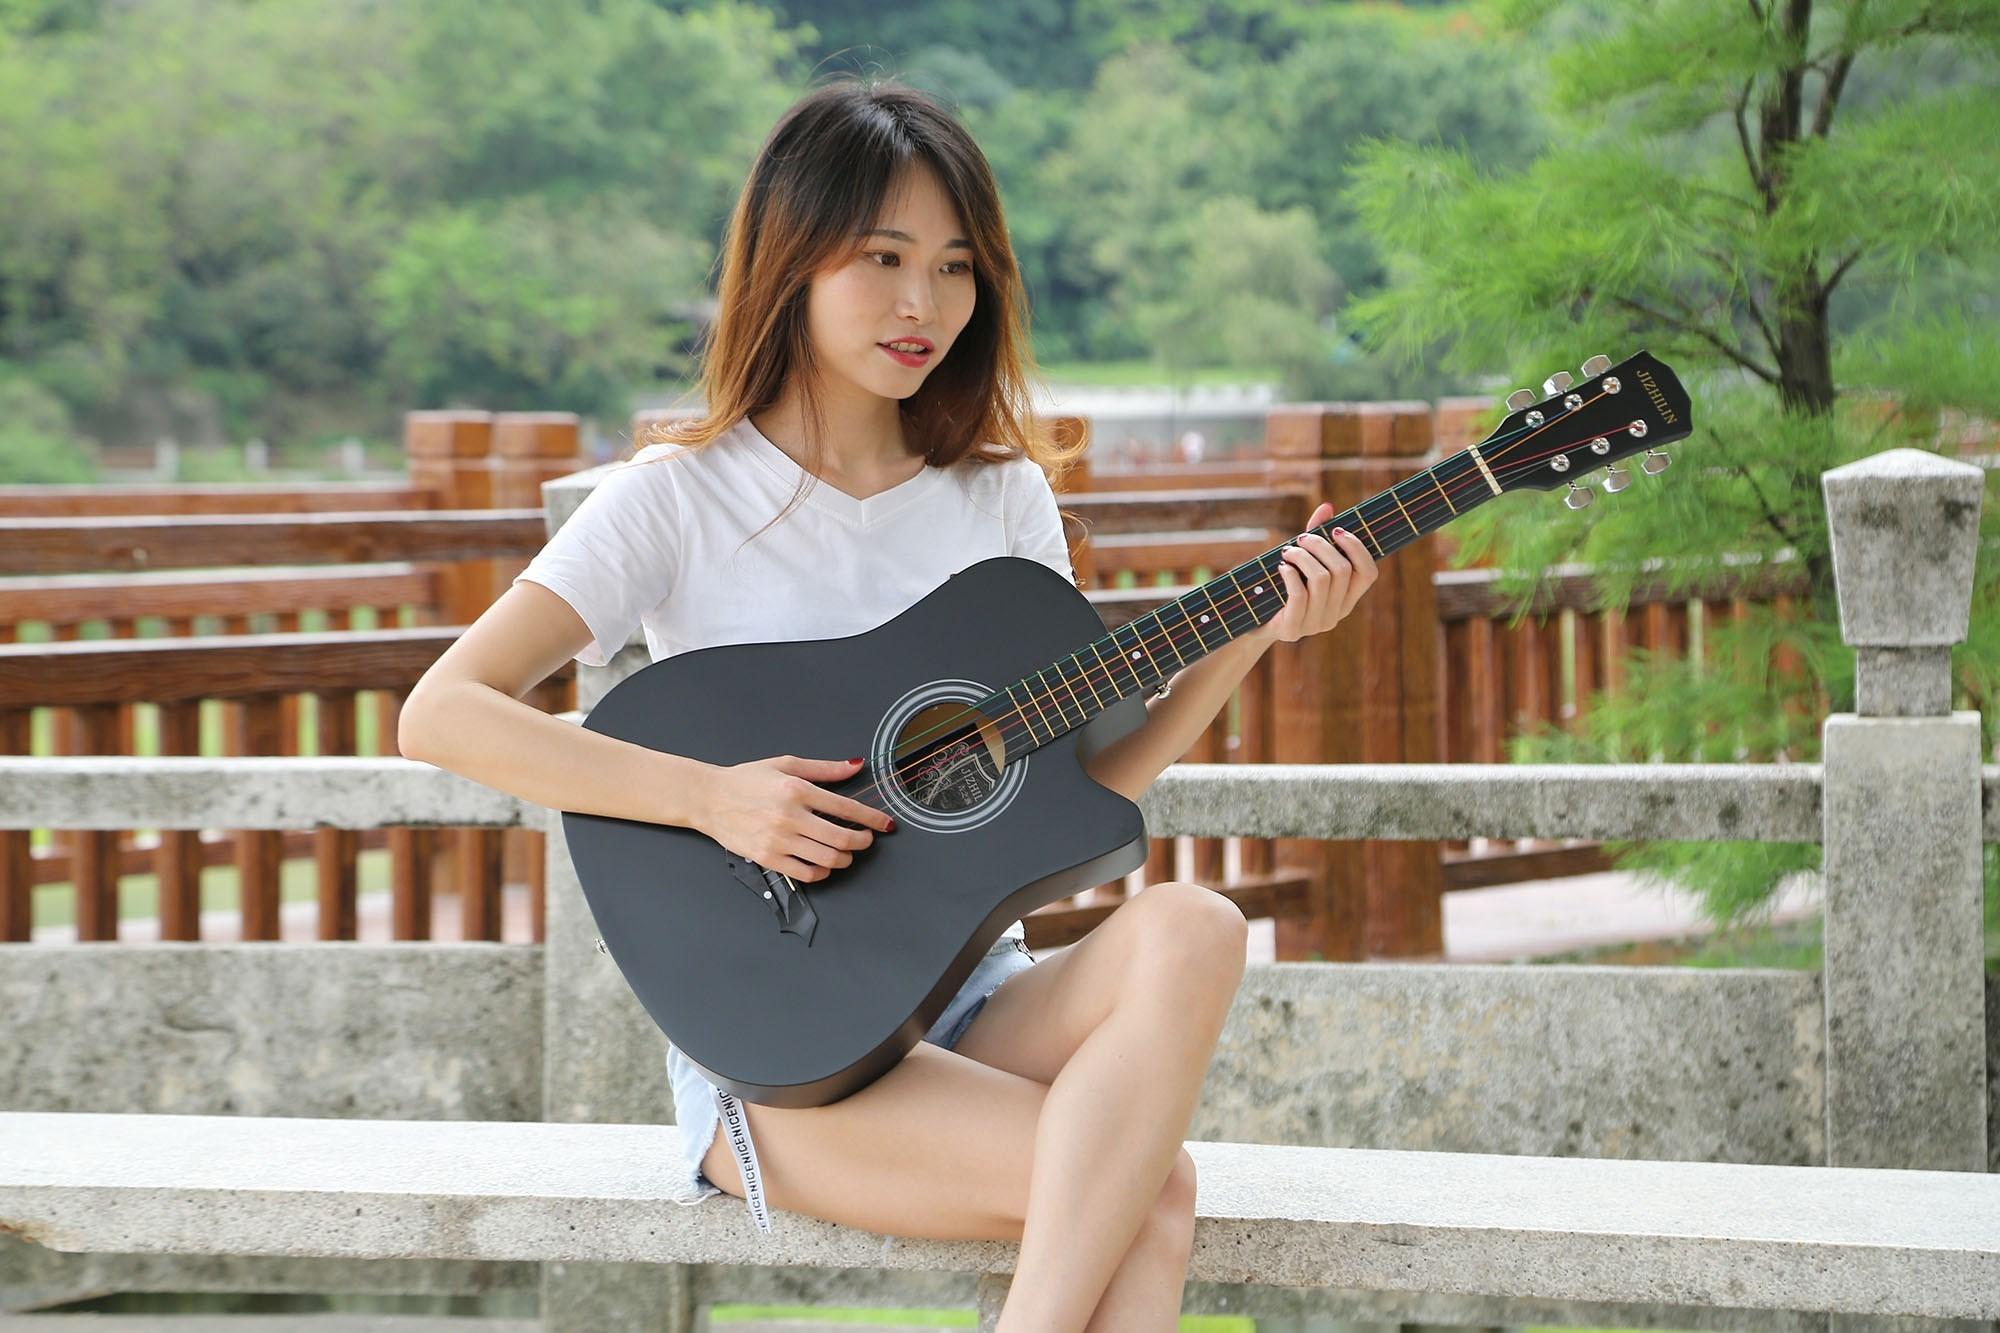 零基础吉他自学入门视频教程教材初学者教学全套初学民谣古典吉他